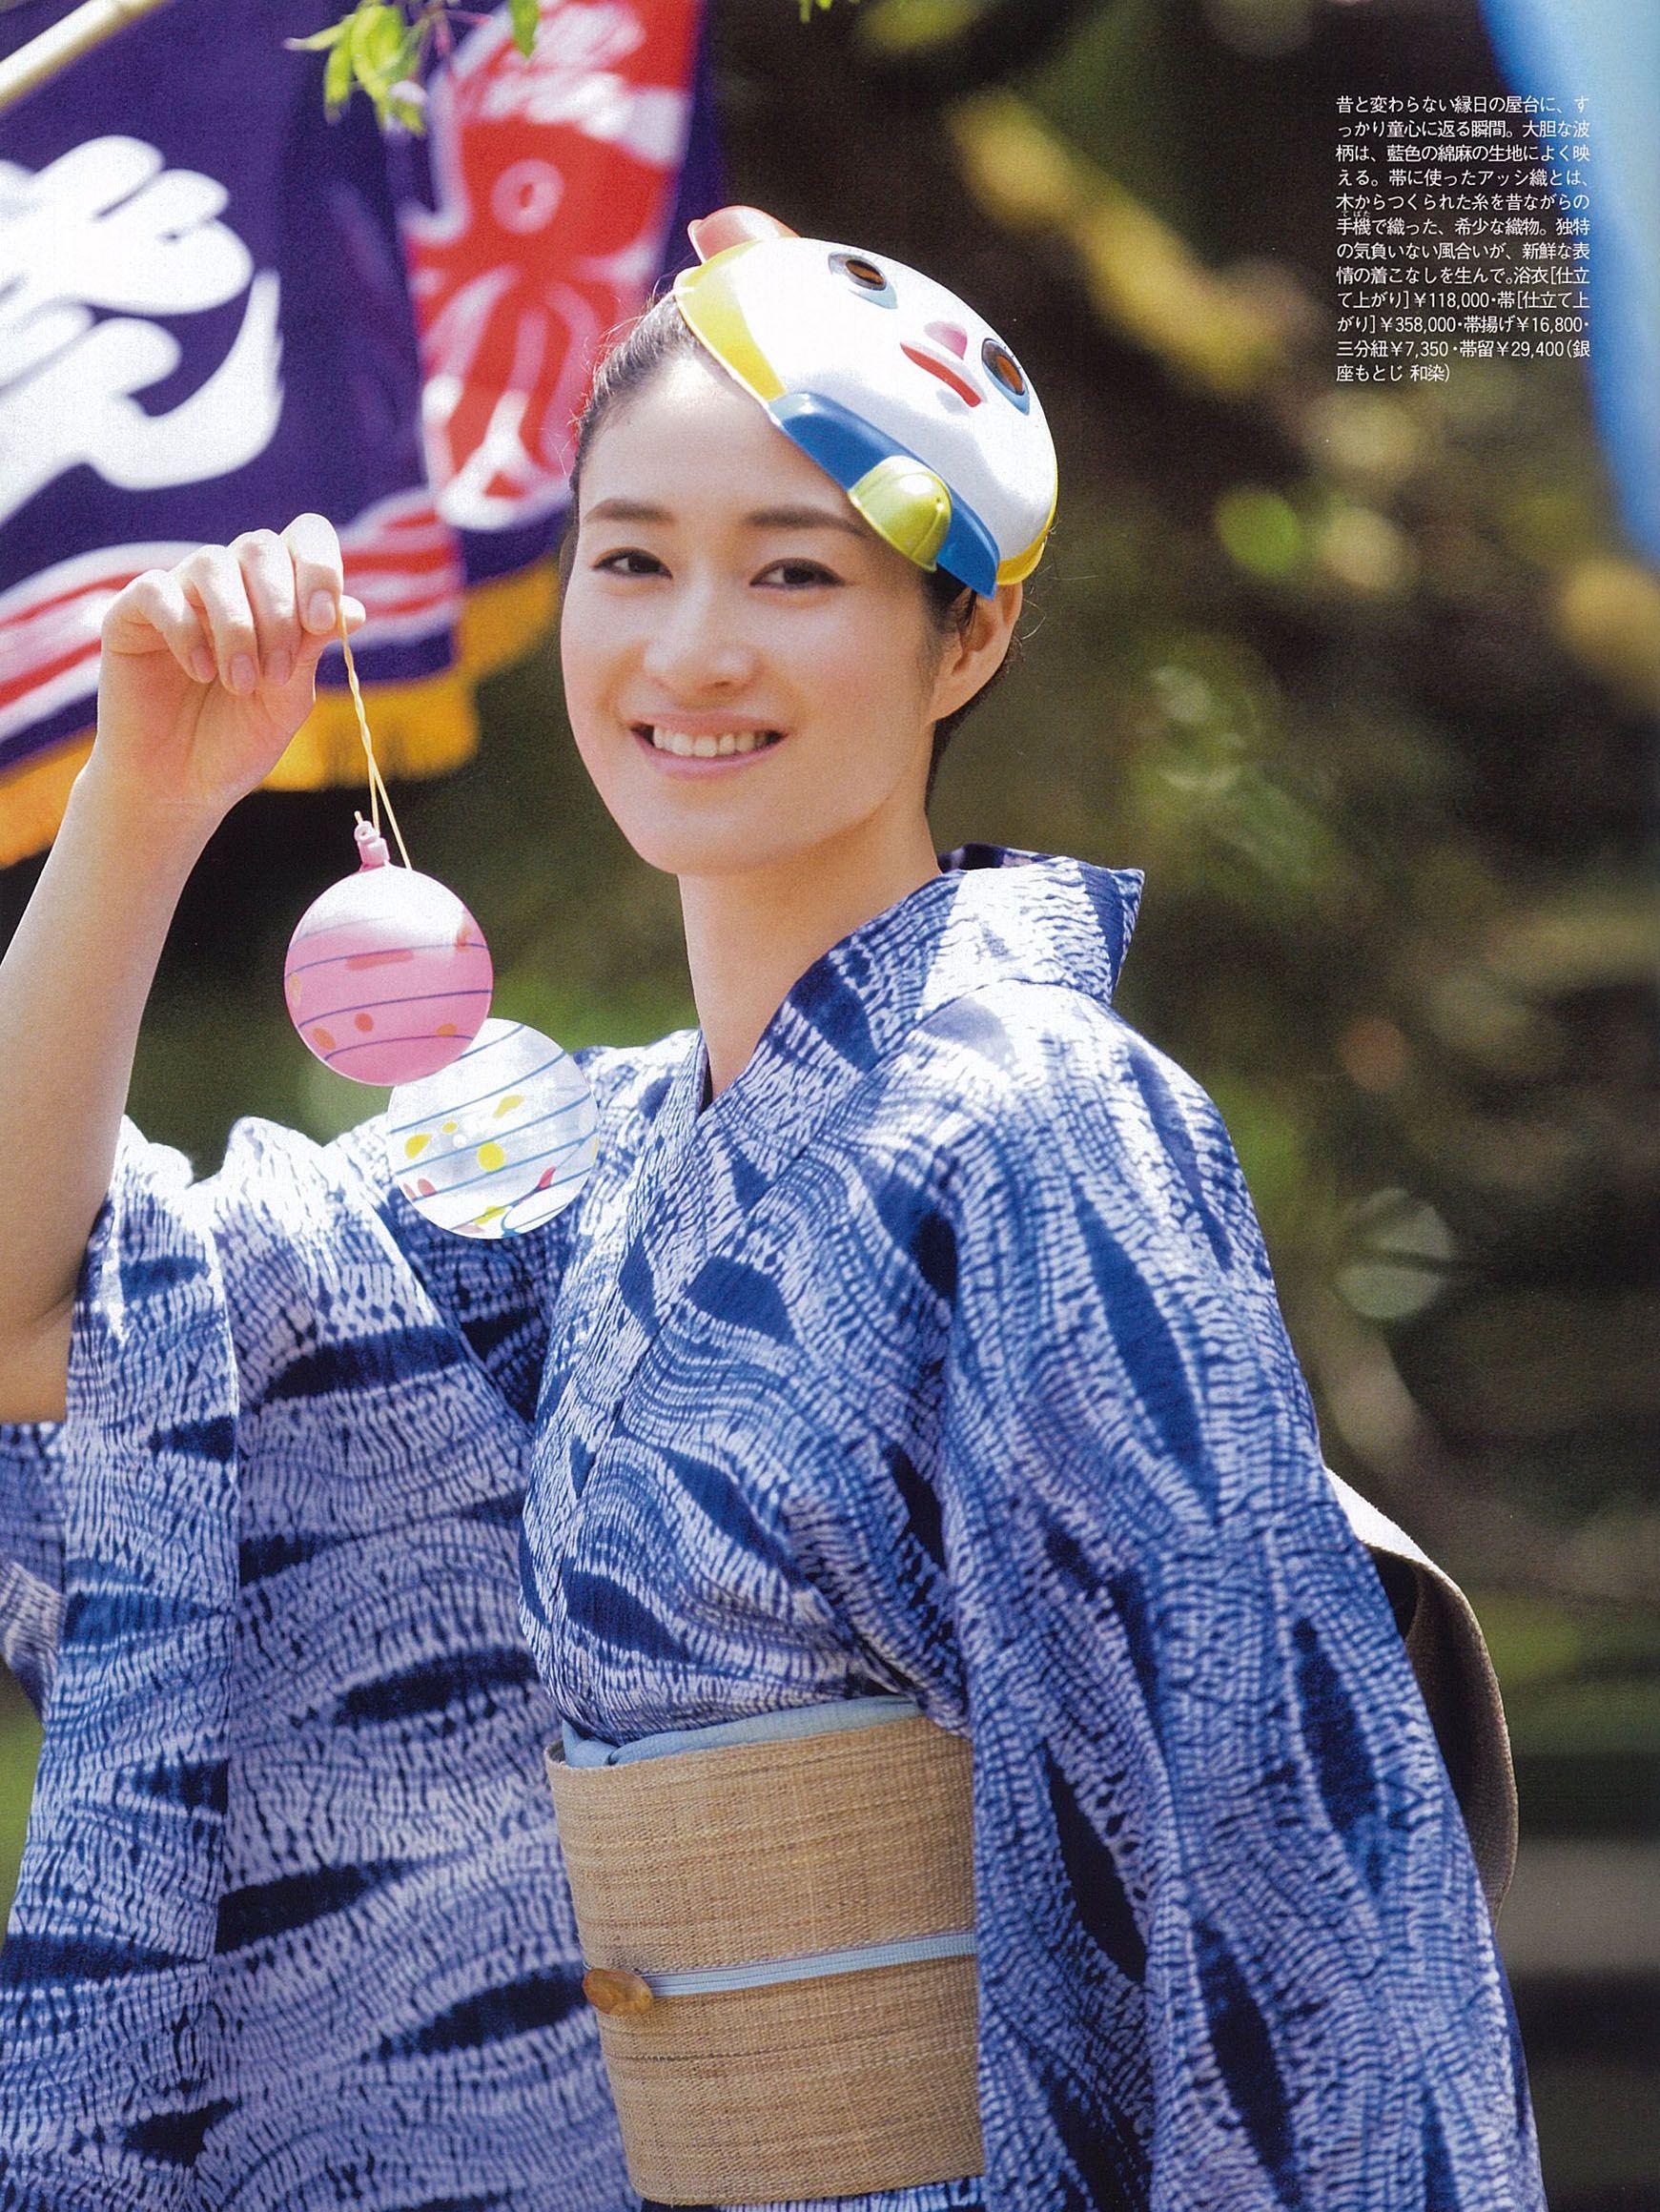 2011年7月 Precious 小雪さん 綿麻絞り浴衣、アッシ織帯 p35 綿麻 ...